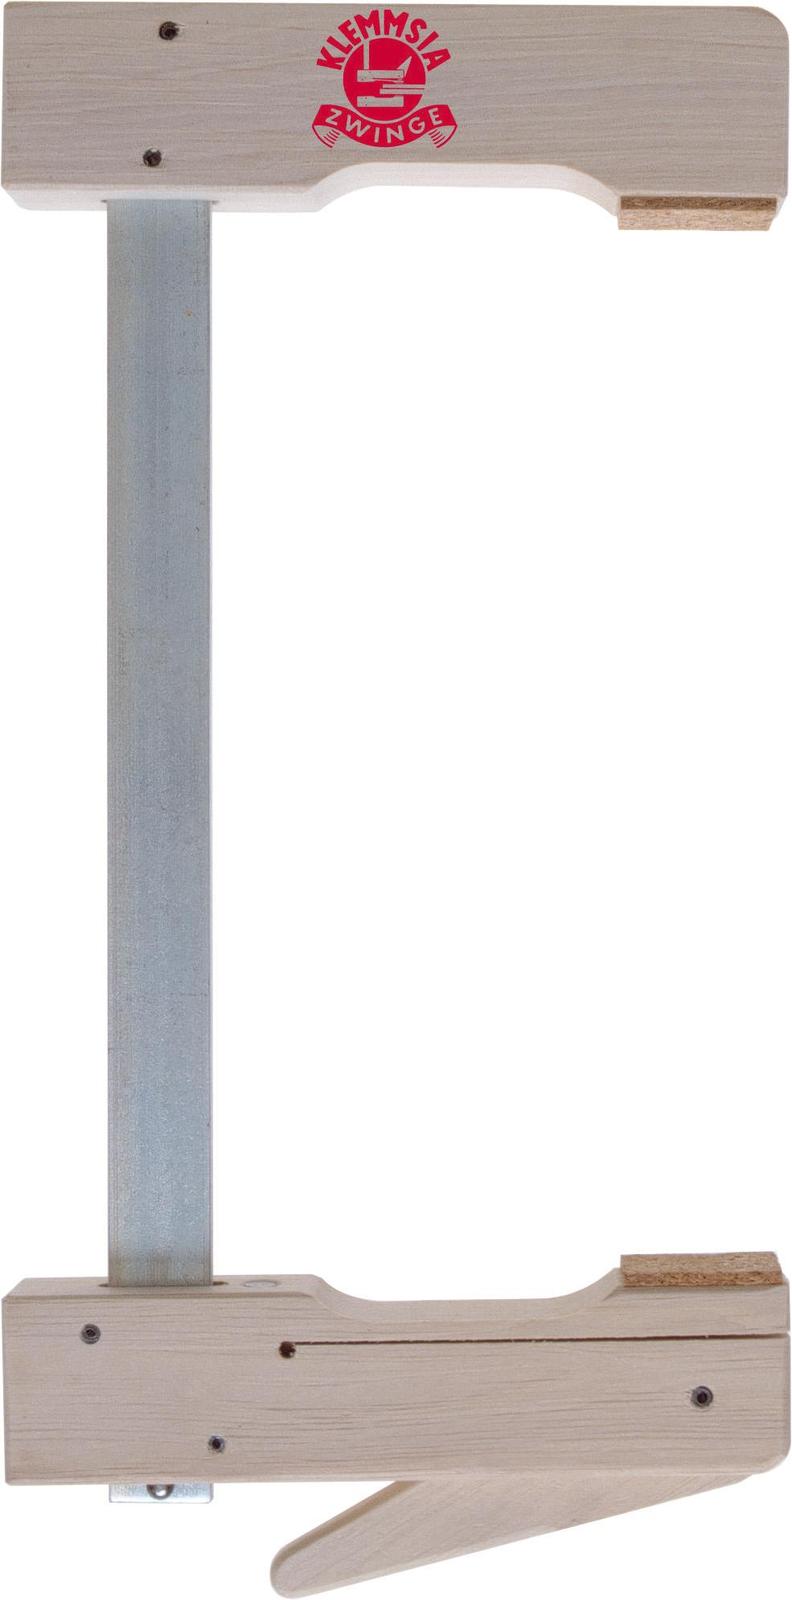 klemmsia schnellzwinge 200 mm spannbereich | ebay